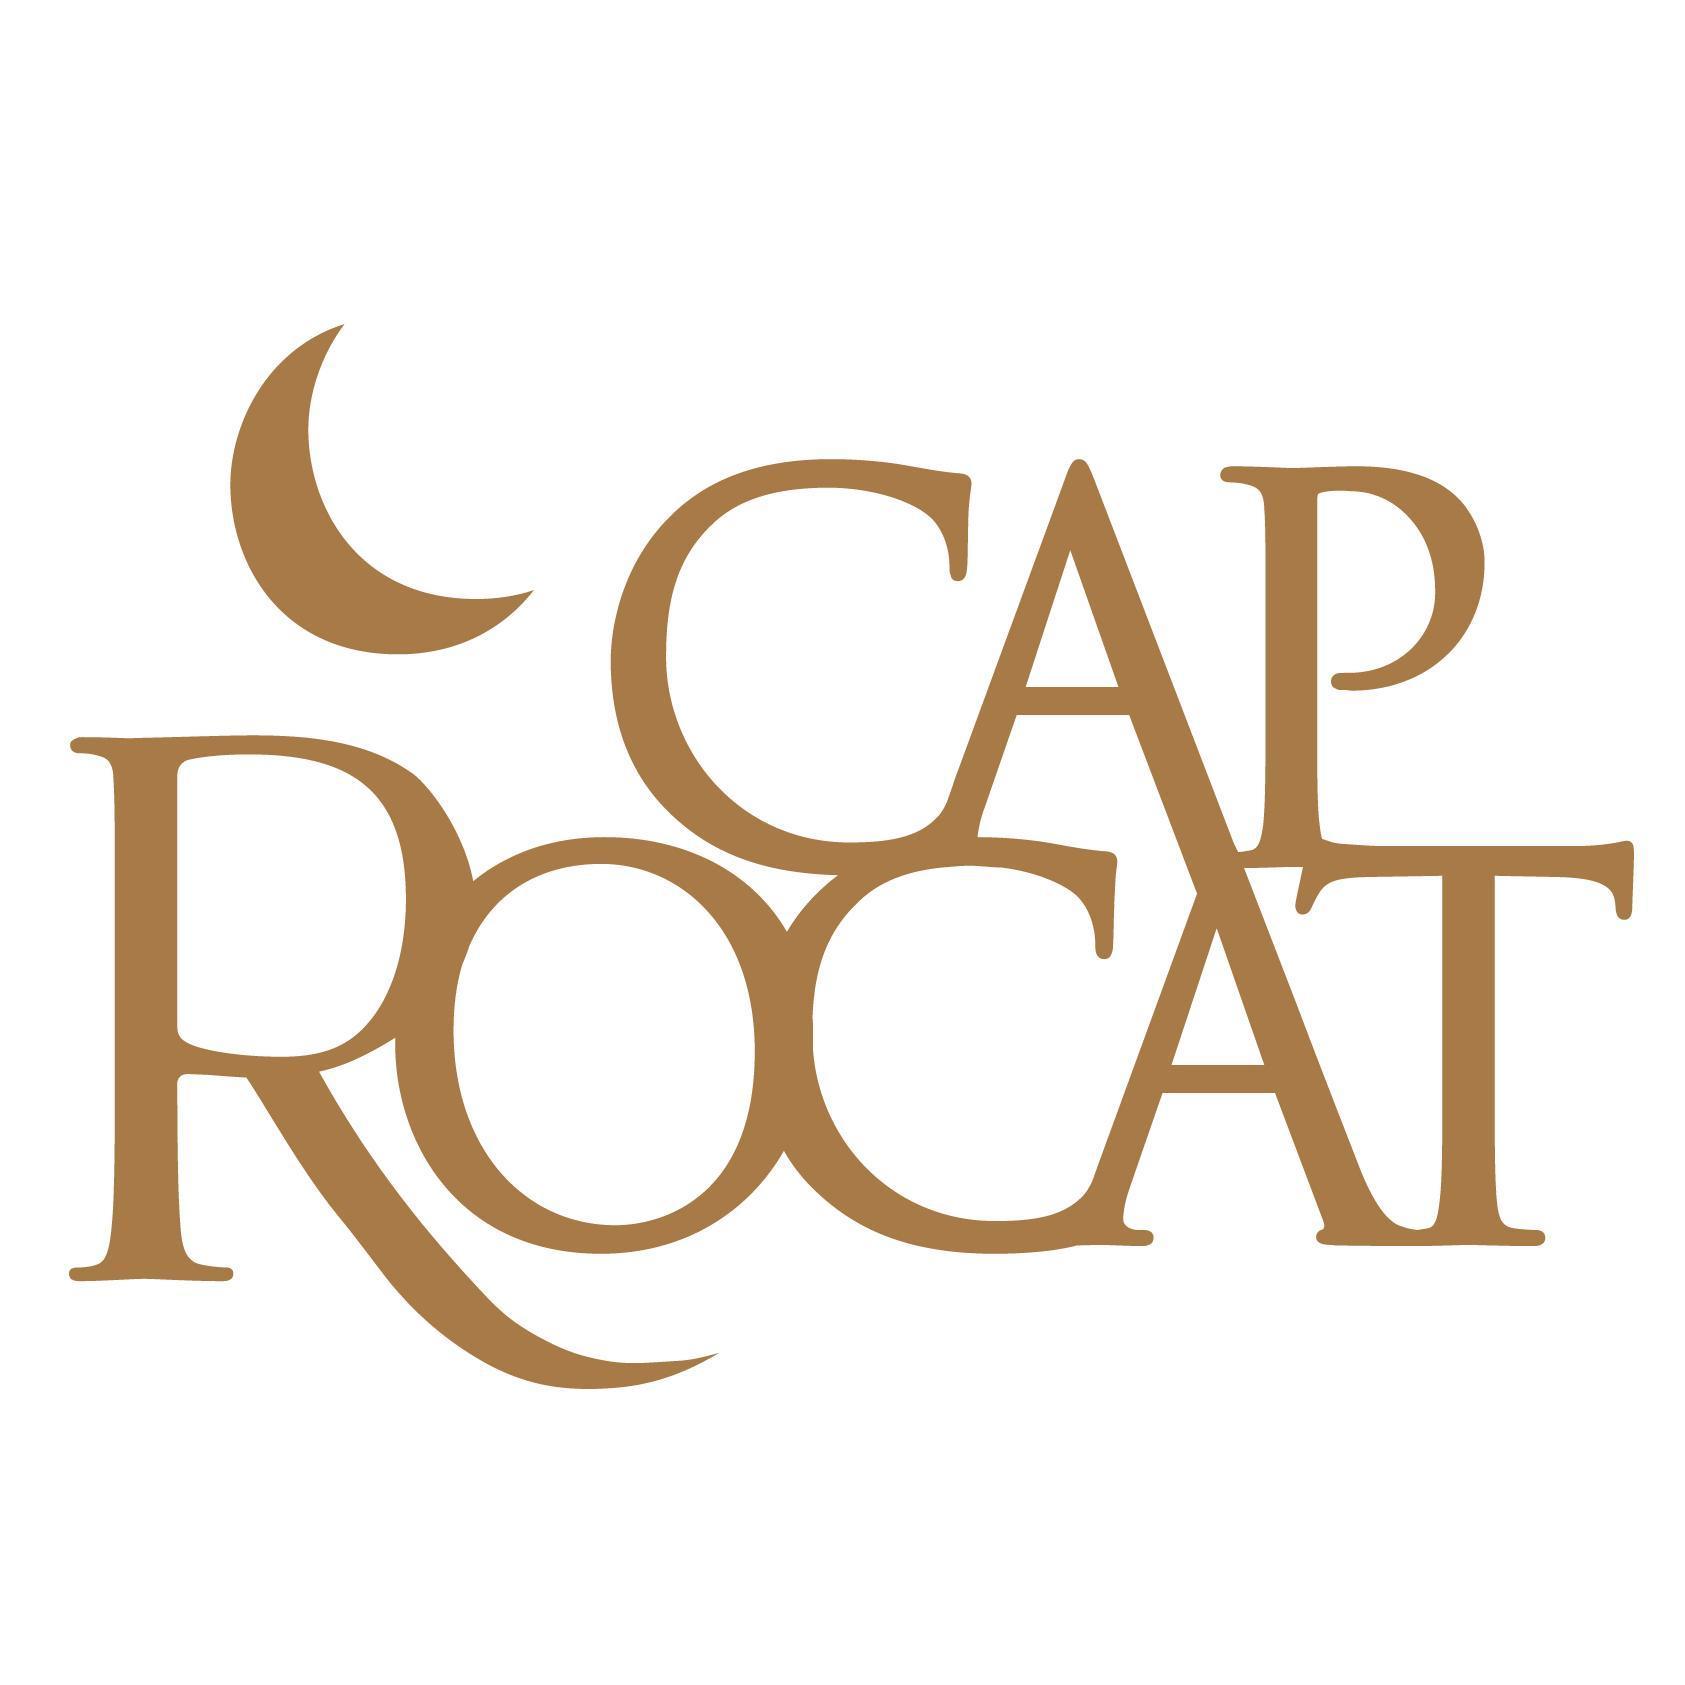 @CapRocat